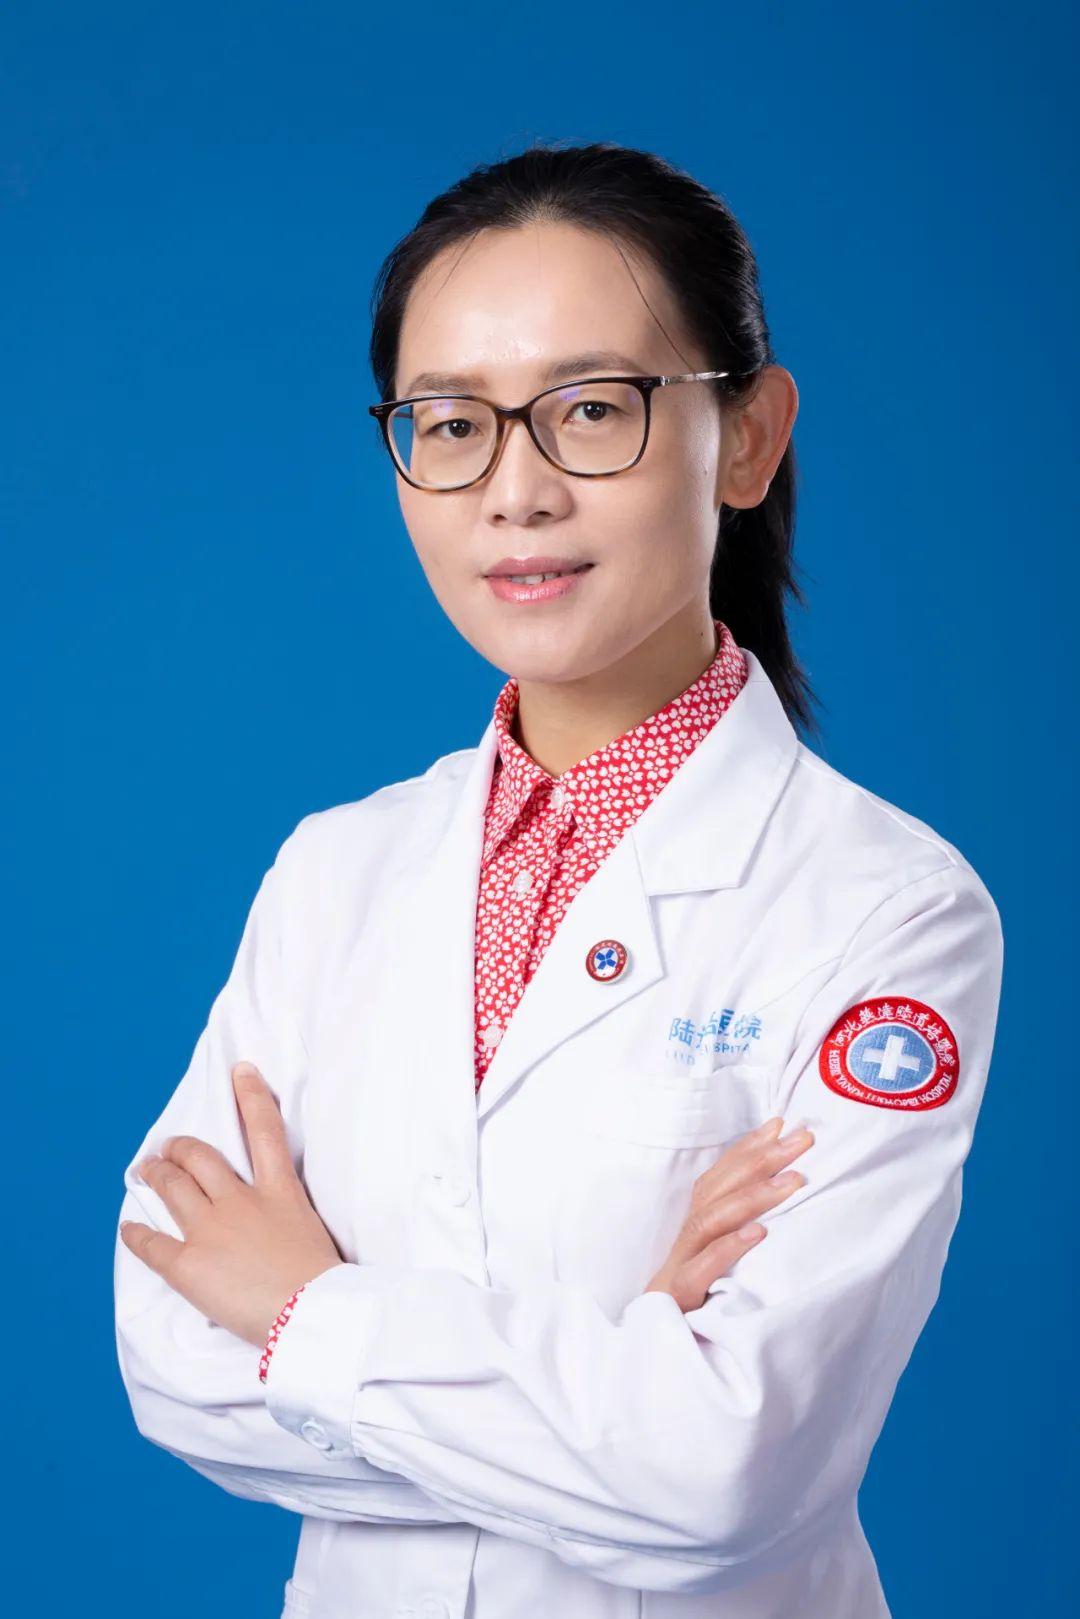 2021 EBMT│陆道培医学团队临床研究取得重要成果